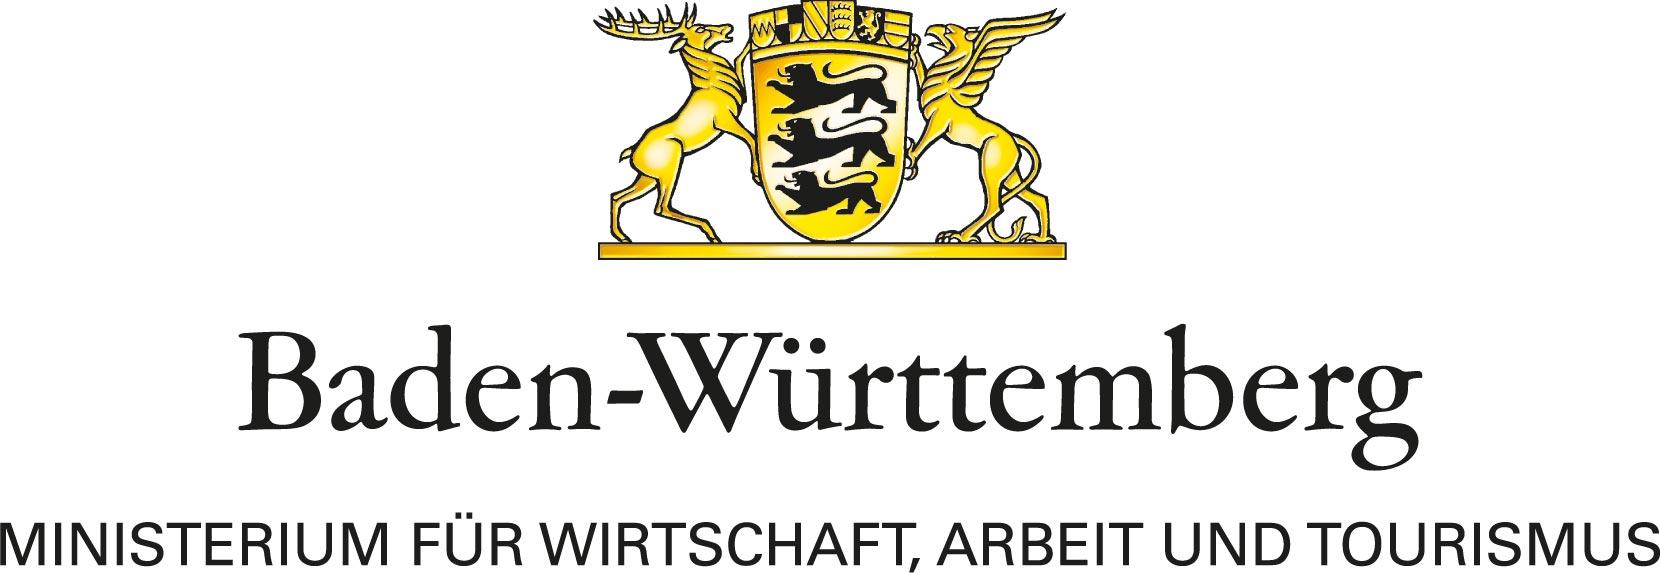 Logo des Ministeriums für Wirtschaft, Arbeit und Tourismus